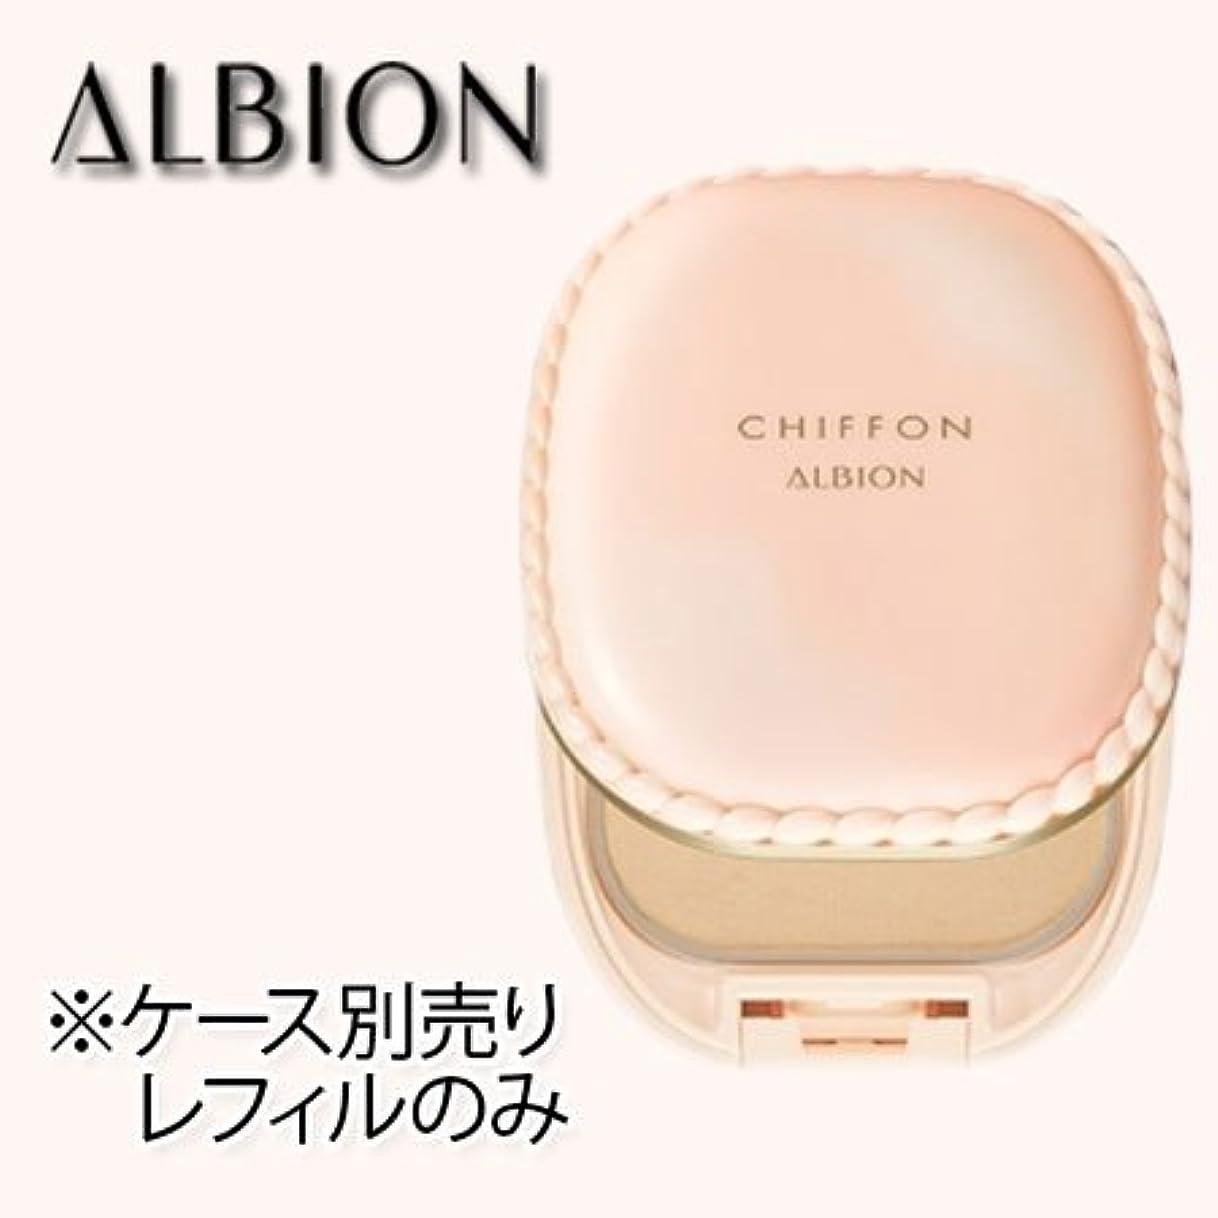 泥個人的な地区アルビオン スウィート モイスチュア シフォン (レフィル) 10g 6色 SPF22 PA++-ALBION- 040